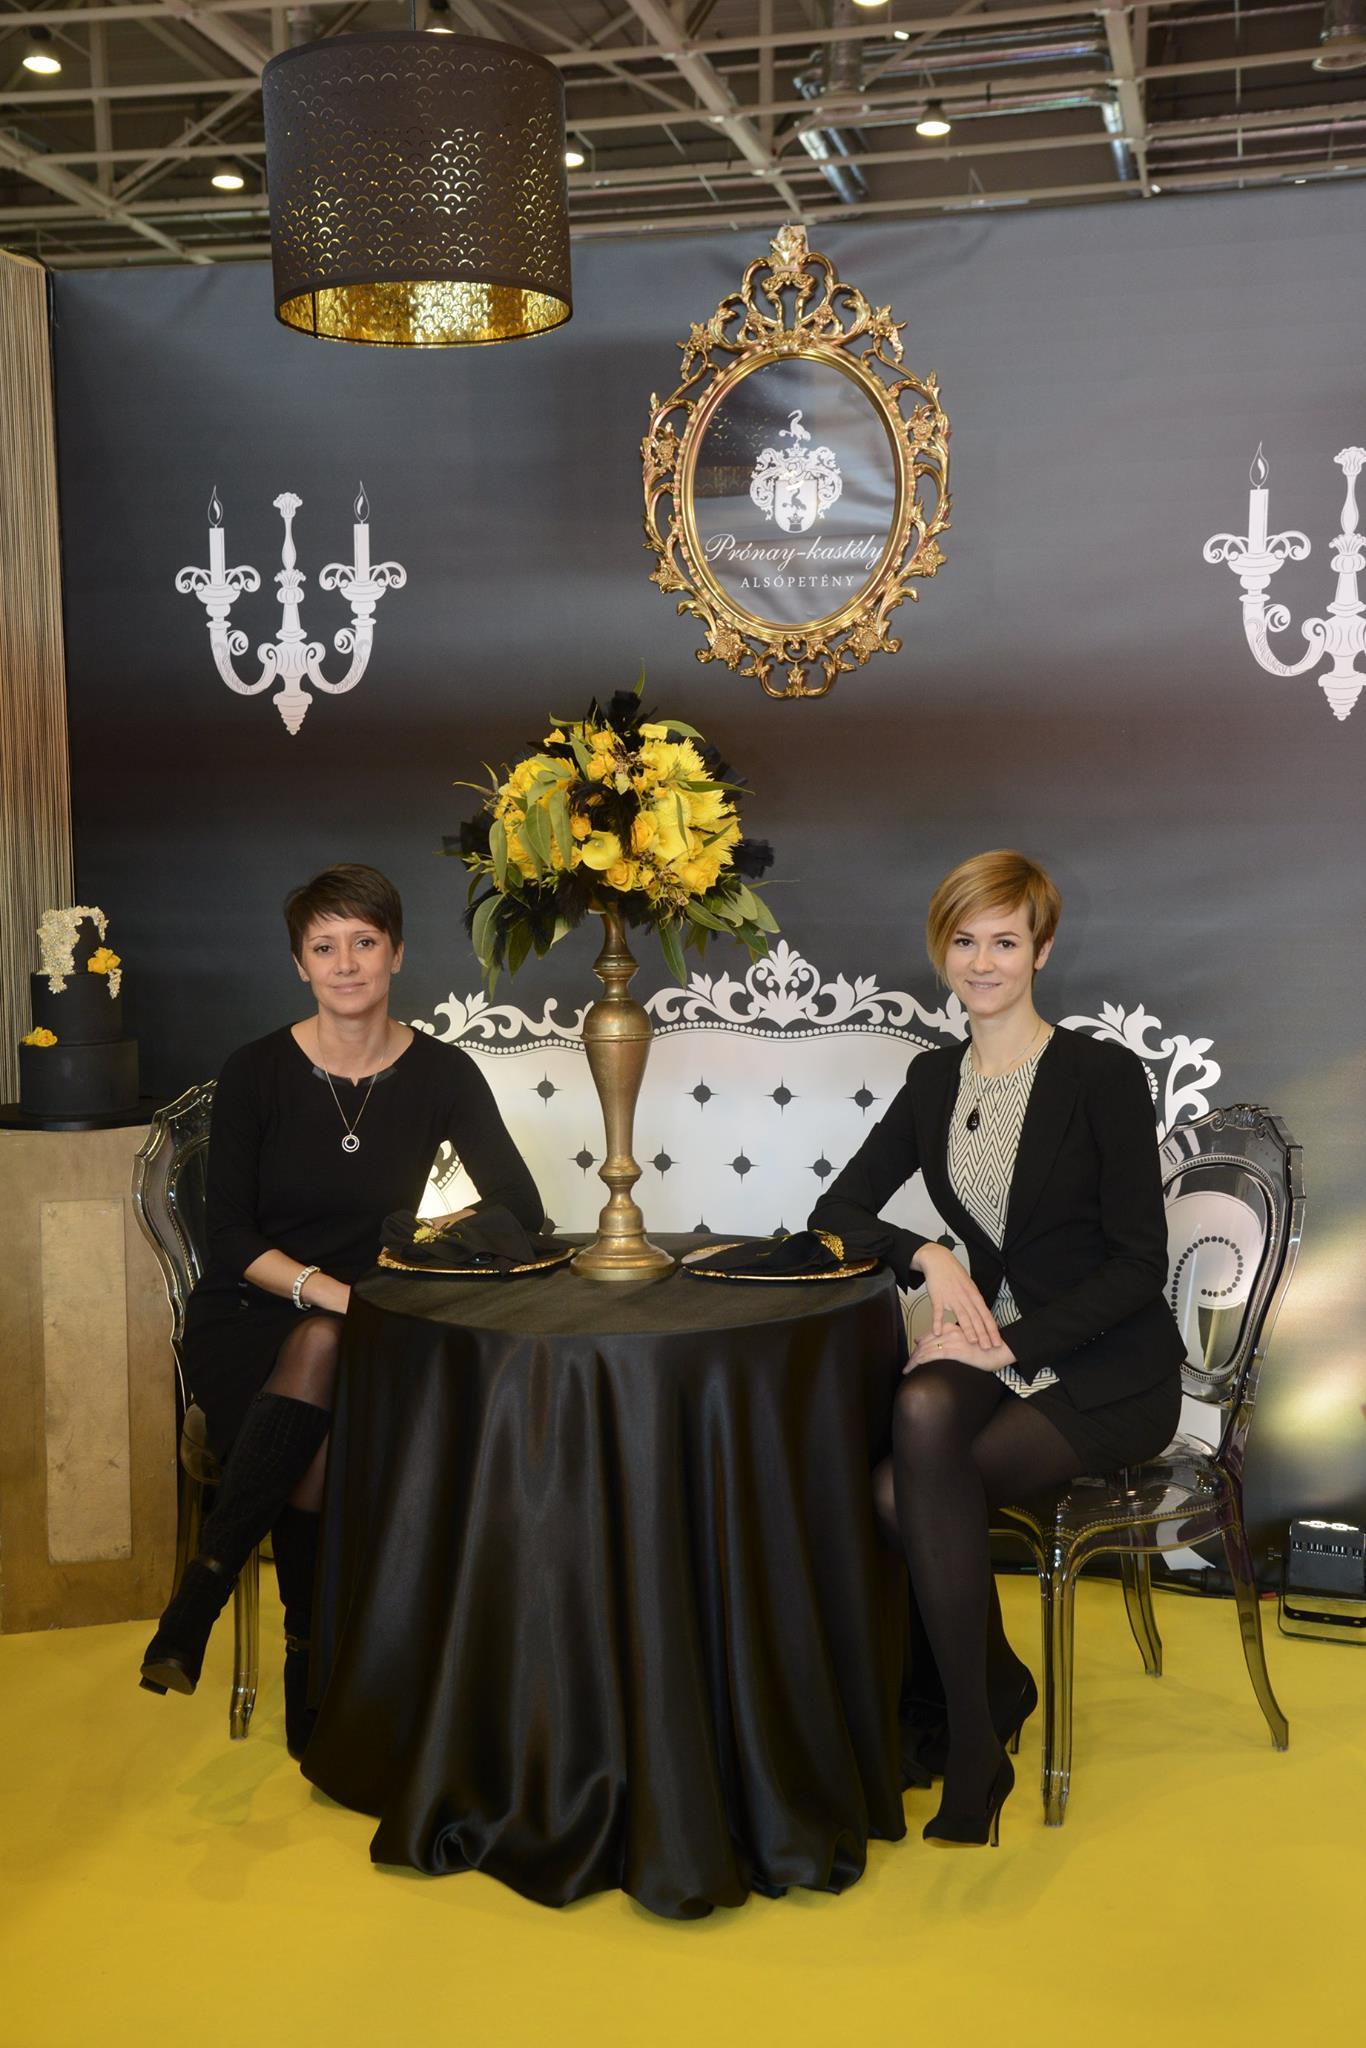 Tömösvári Szilvia katélyszálló-igazgató és Szomolya Szabina rendezvényszervező